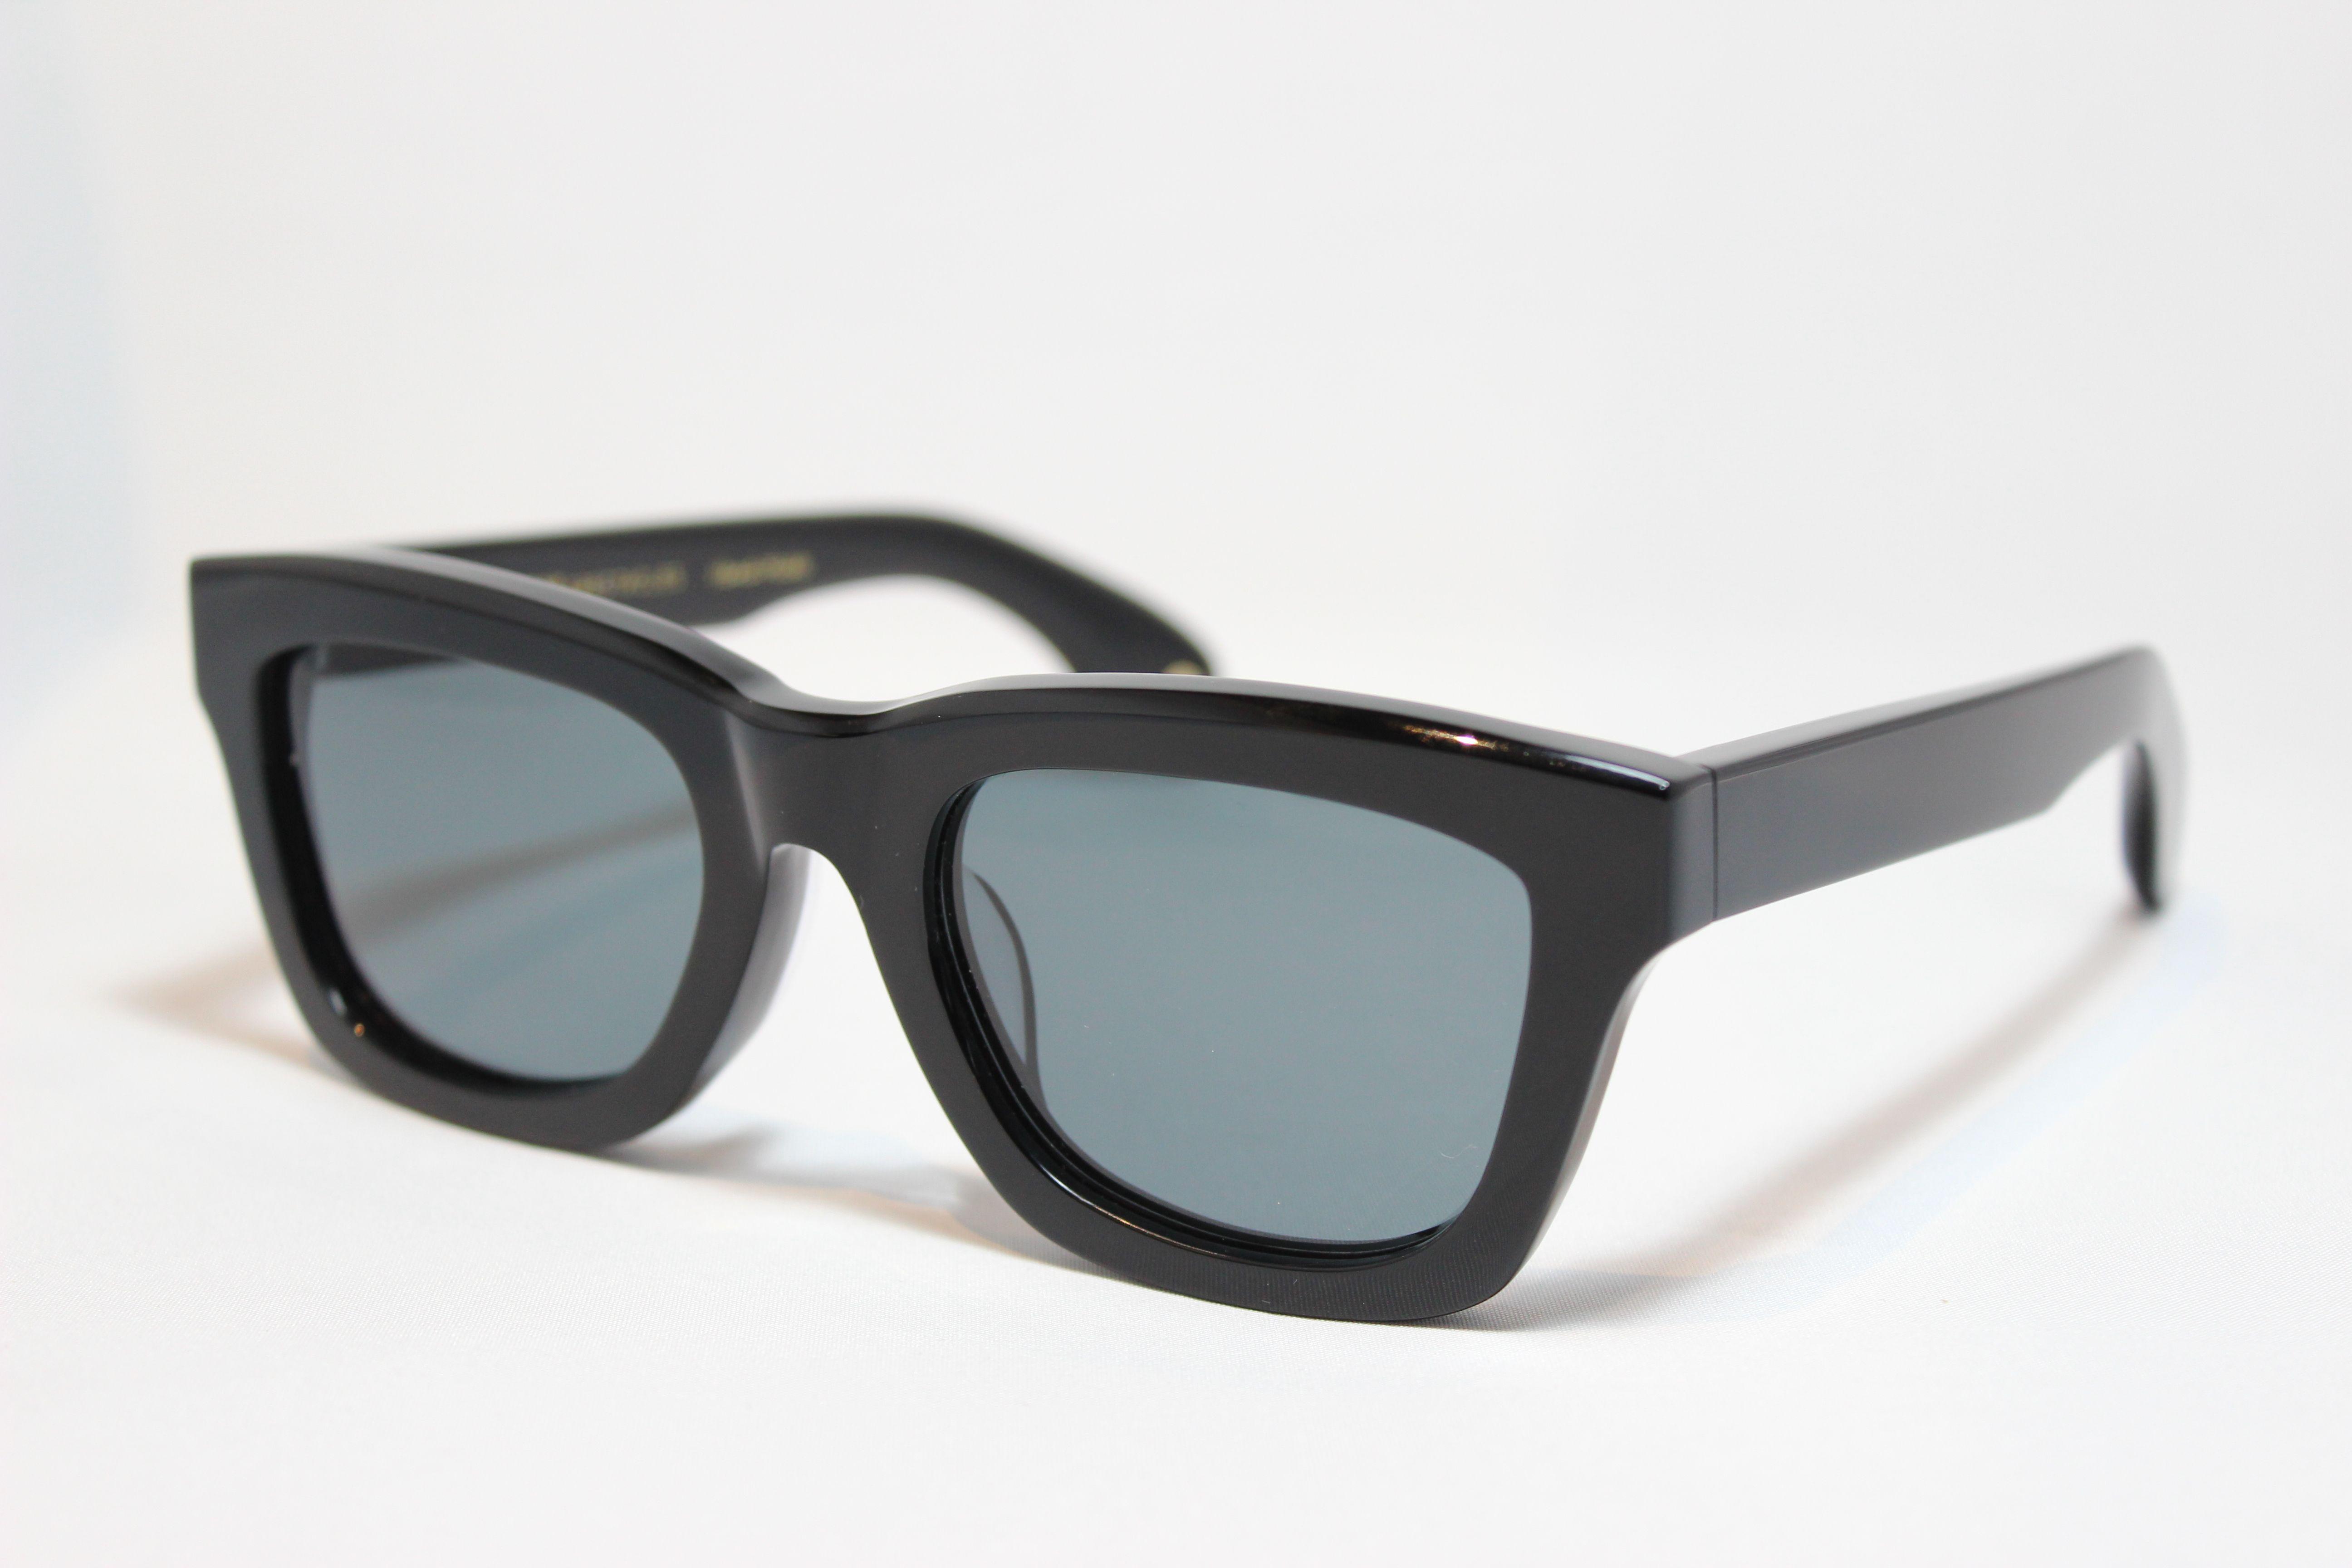 フリーダム スペクタクルス アレン サングラス ブラック FREEDOM SPECTACLES ALLEN (Black/Gray-Lens)